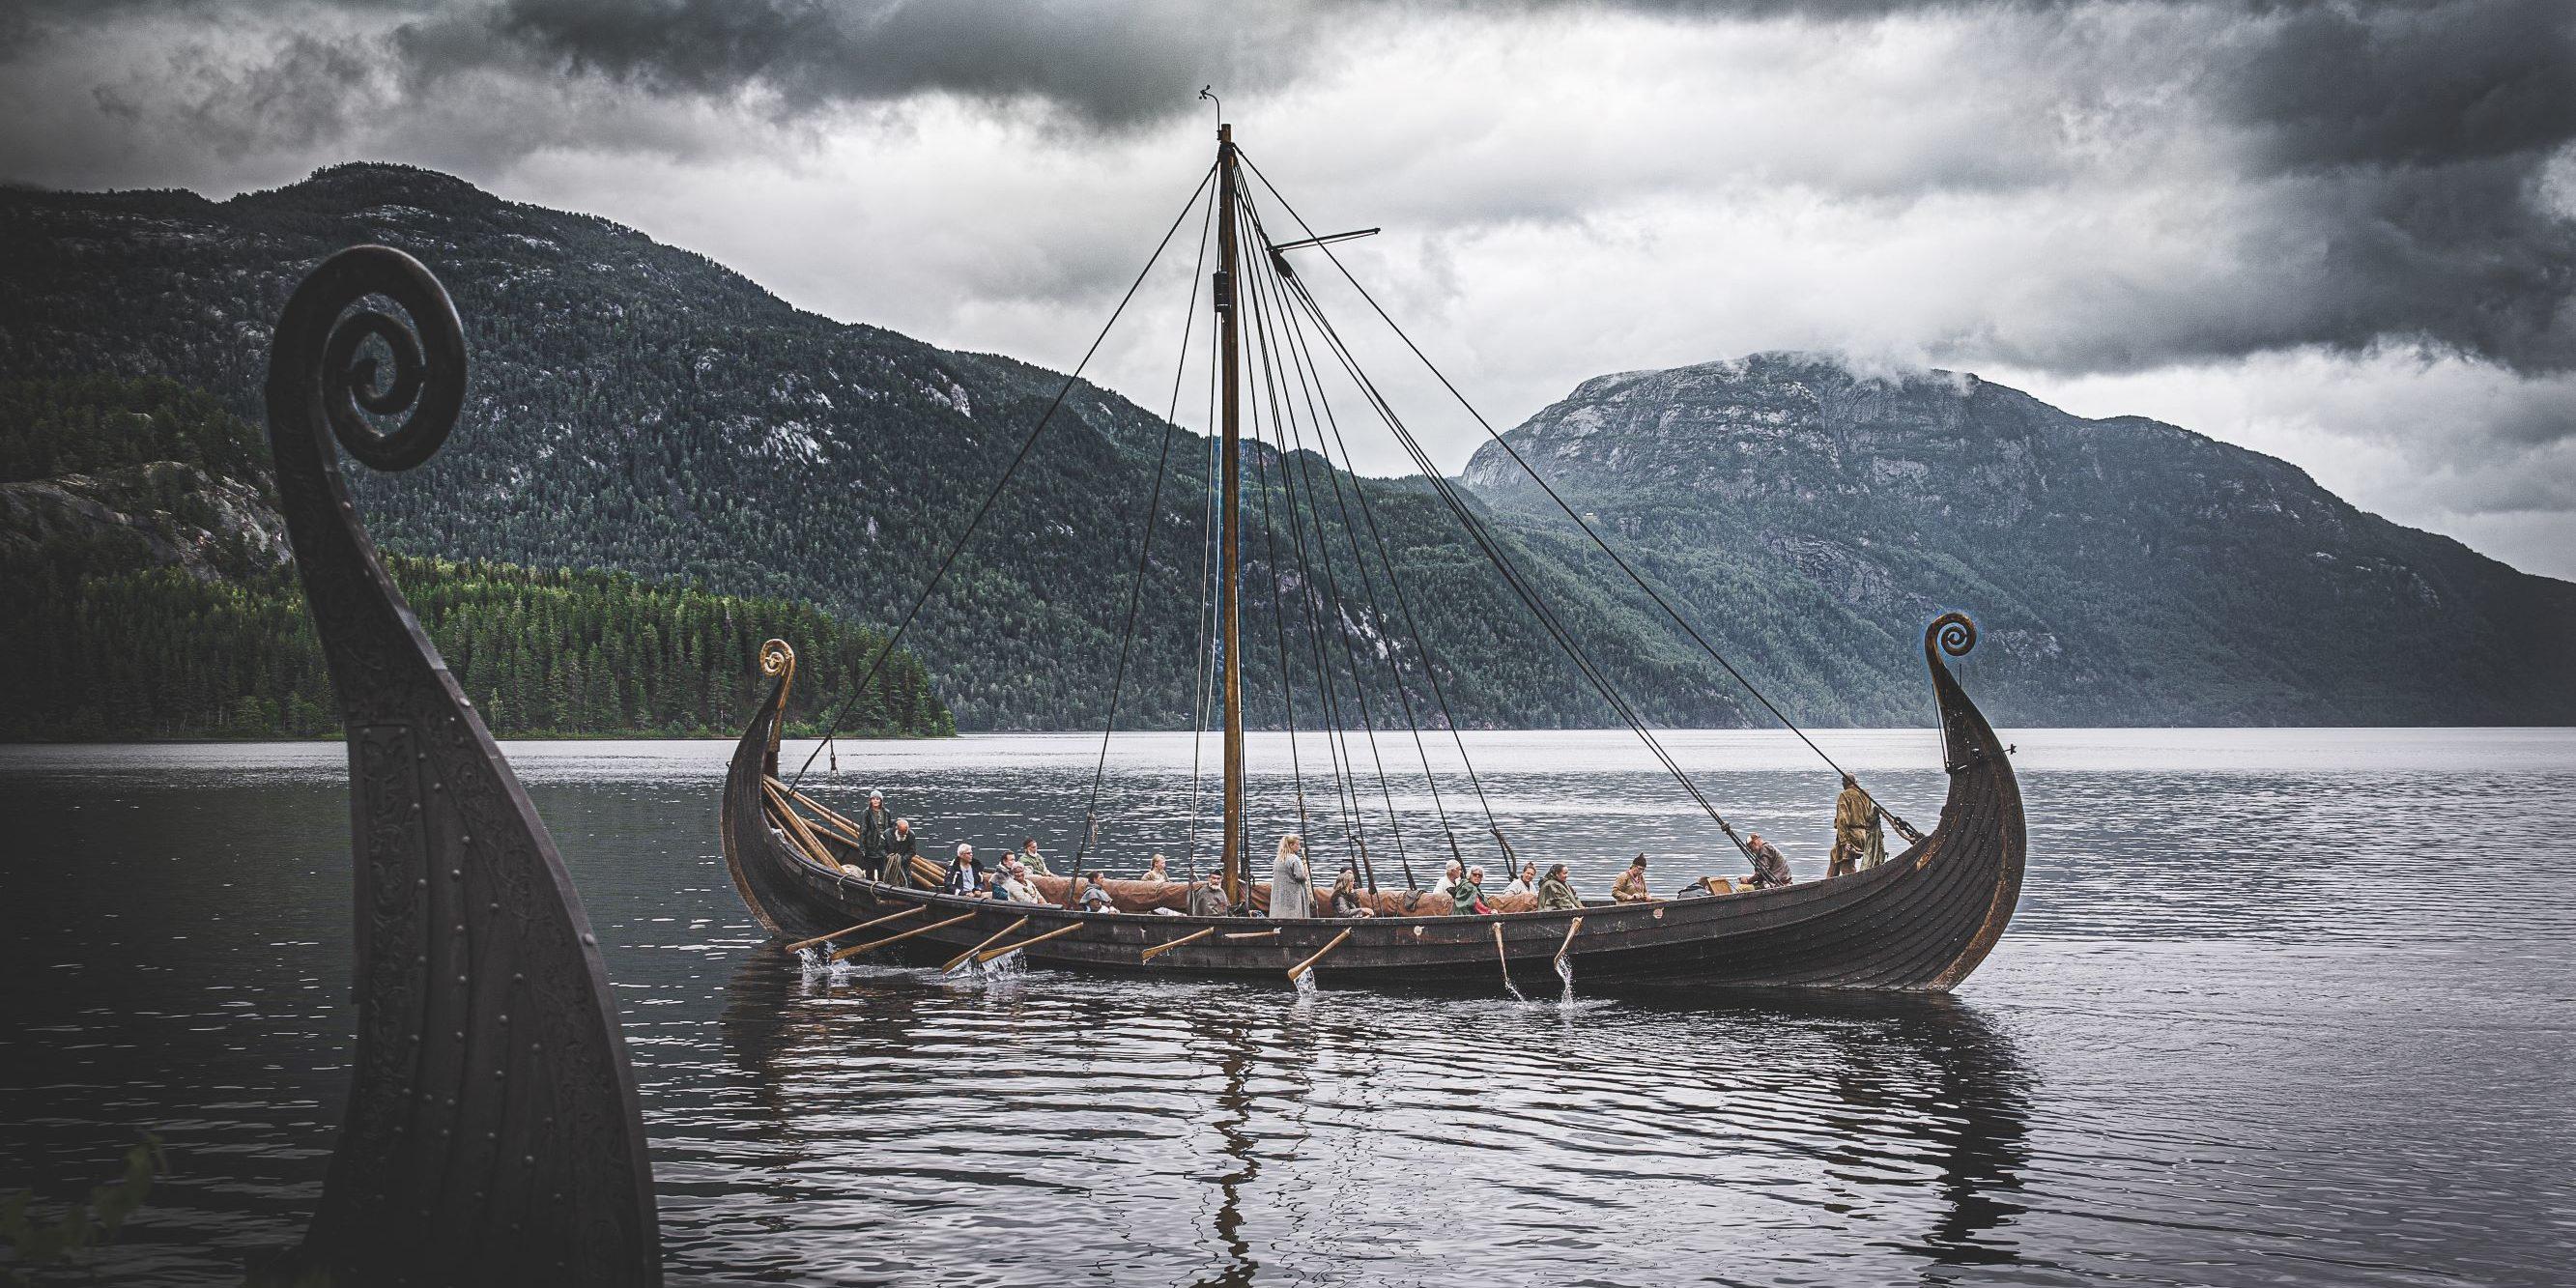 TJUKT MED HISTORIE: Det er mykje historie knytt til vassdraget lenge før Telemarkskanalen blei bygd. Foto: Mona Beate Kasin